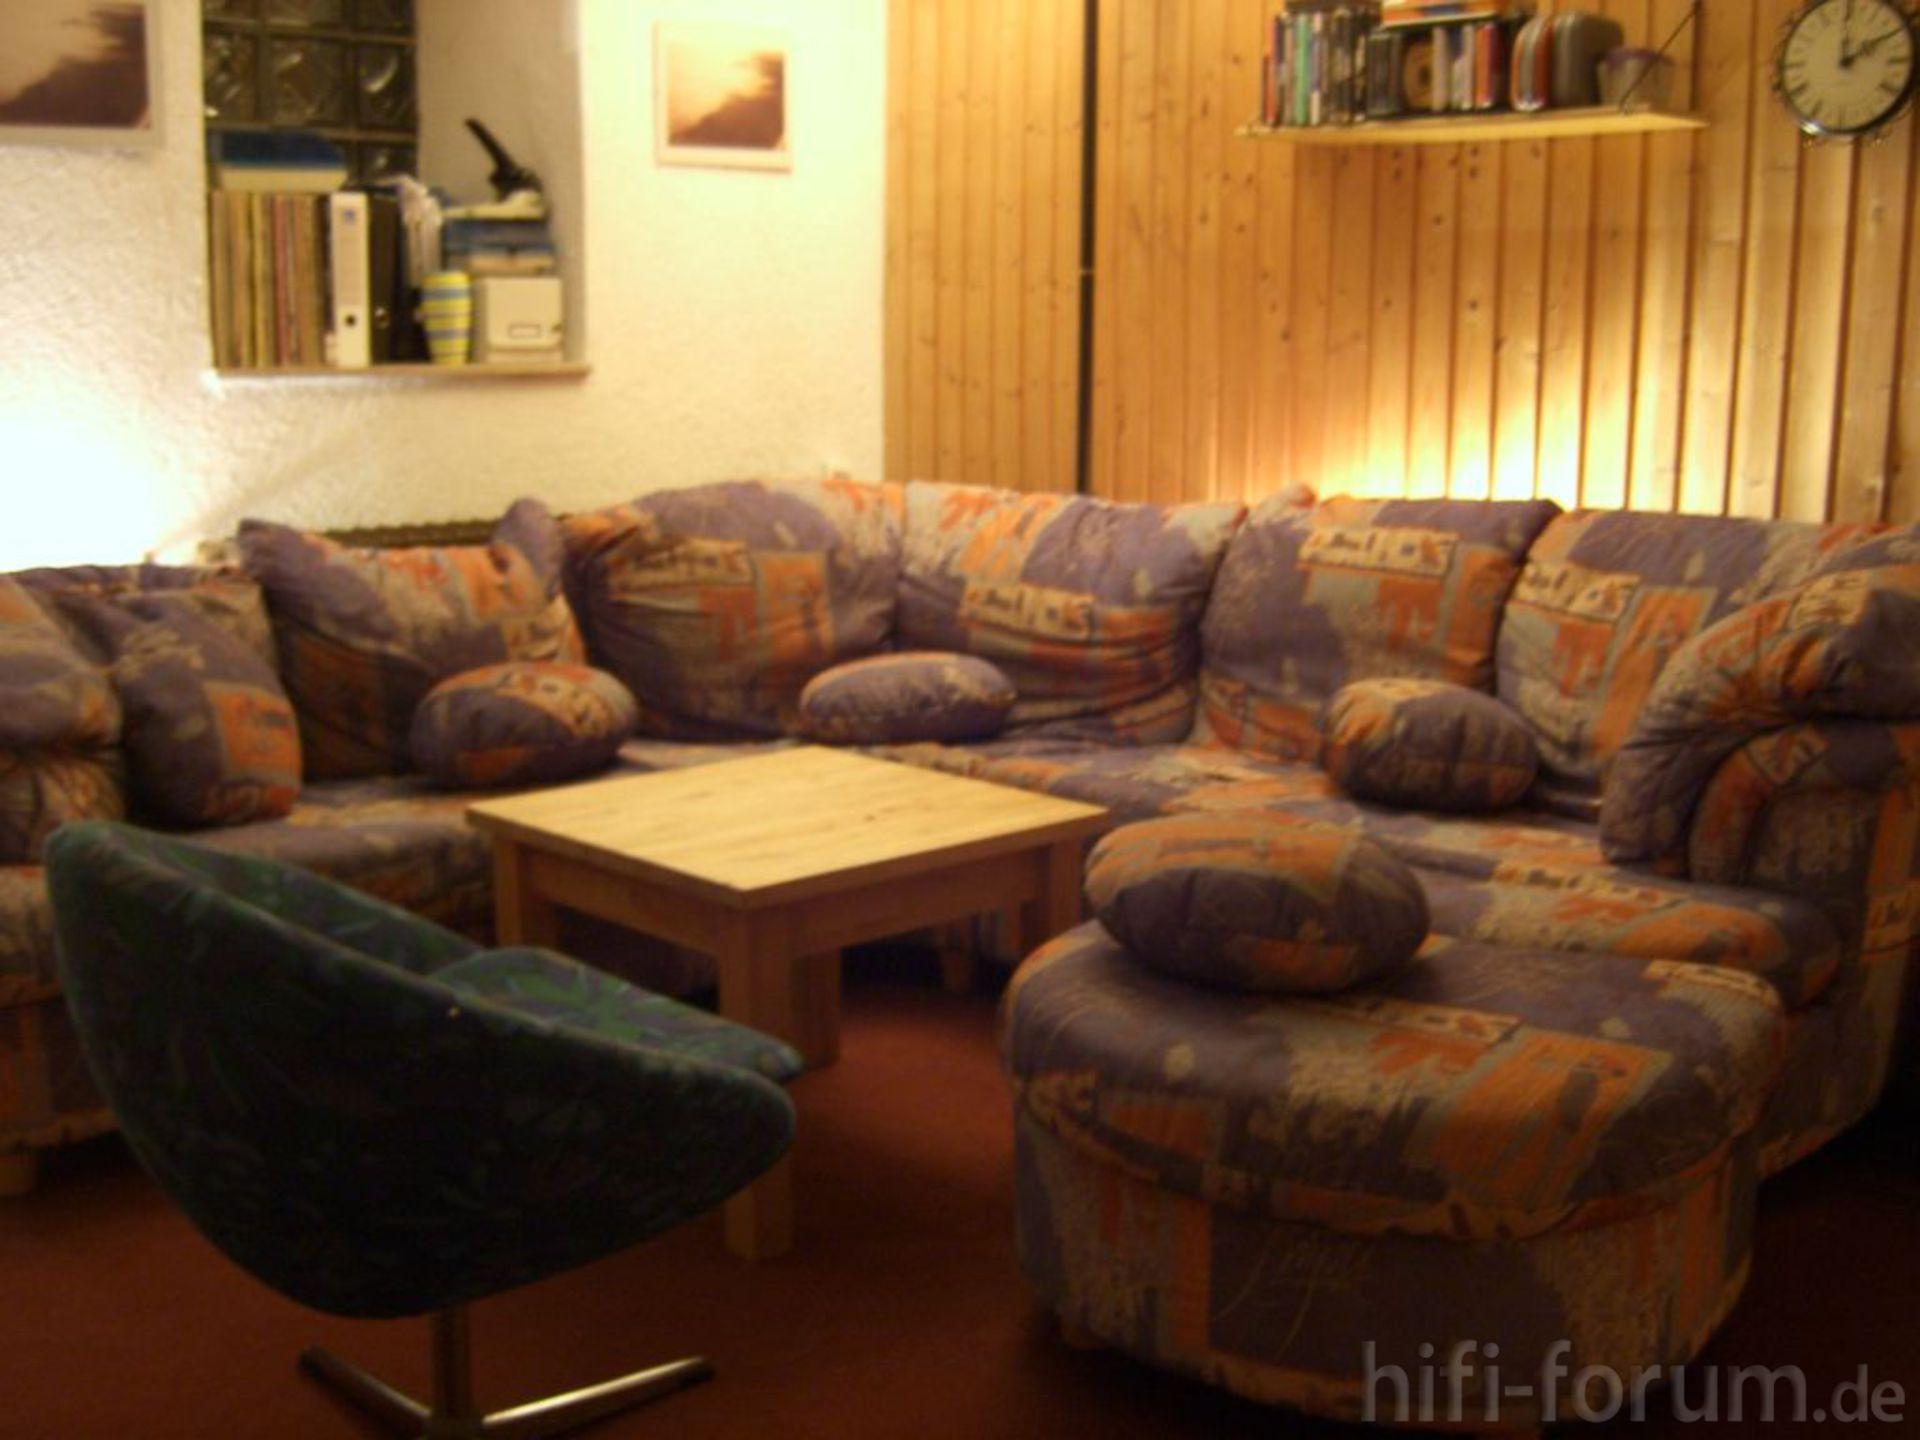 h rplatz mit indirekter fernsteuerbarer beleuchtung beleuchtung fernsteuerbarer hoerplatz. Black Bedroom Furniture Sets. Home Design Ideas